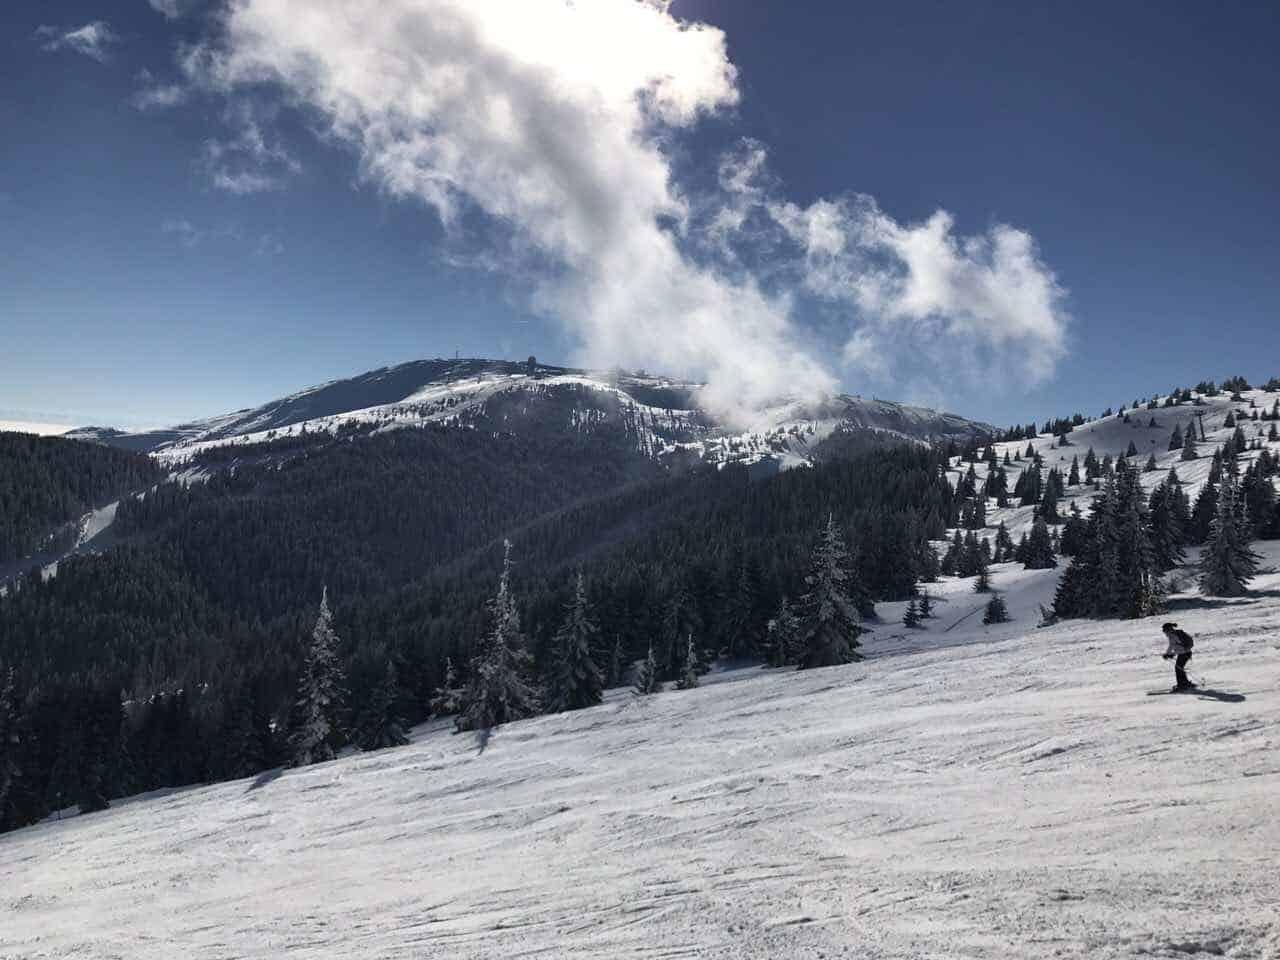 Još jedan divan dan za skijanje: Danas na Kopaoniku prevlađuje pretežno vefro vreme sa puno sunčanih intervala. Trenutna temperatura je 0°C, brzina vetra